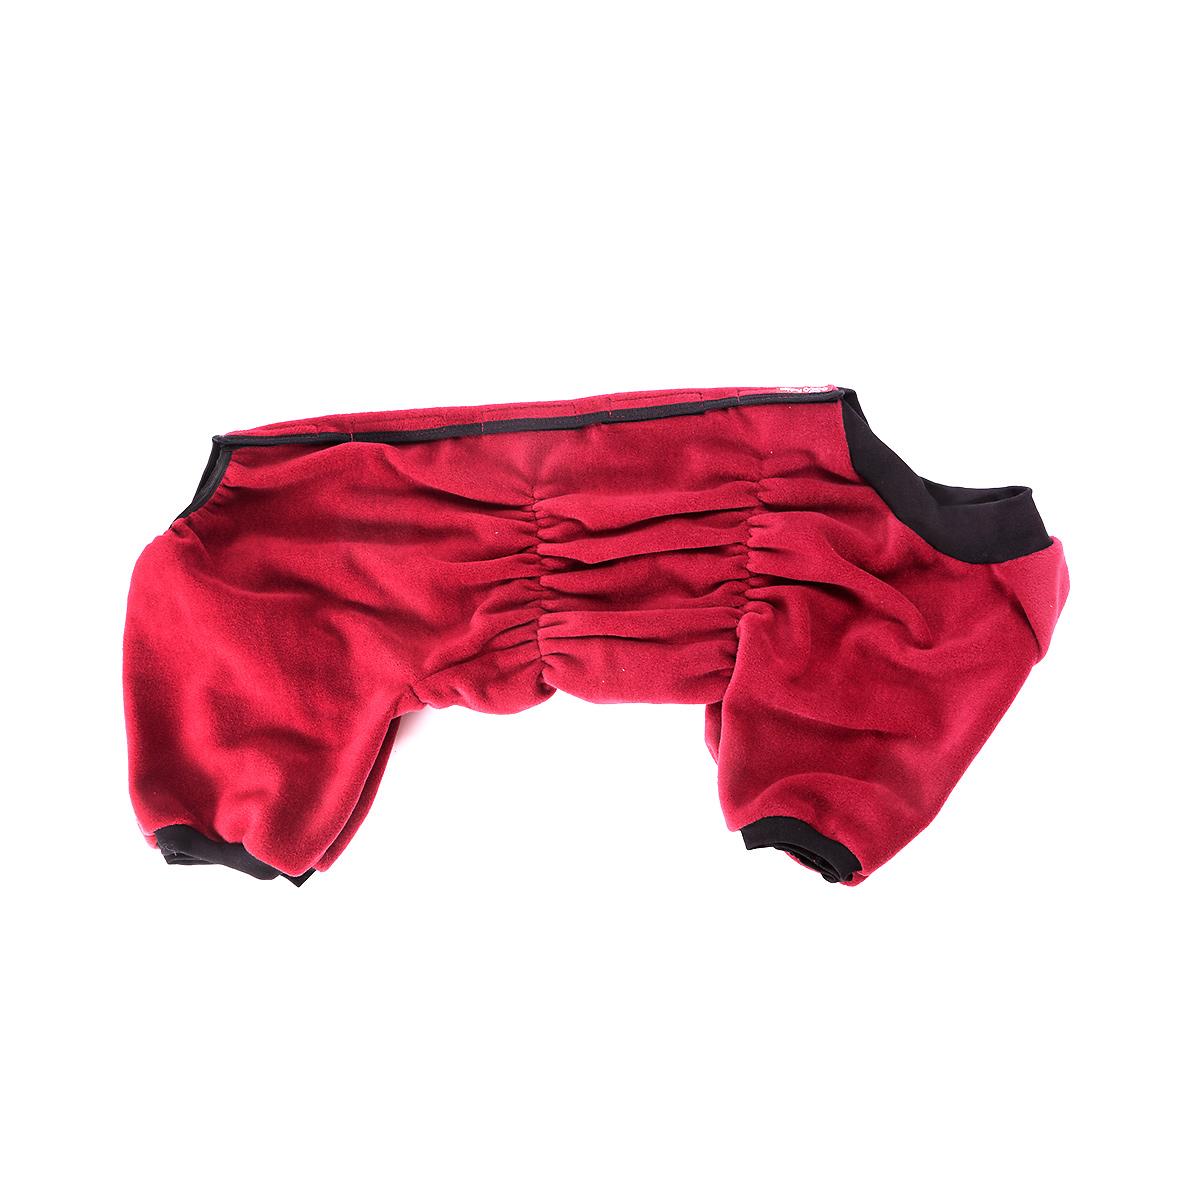 Комбинезон для собак OSSO Fashion, для девочки, цвет: бордовый. Размер 70Кф-1025Комбинезон для собак OSSO Fashion выполнен из флиса. Комфортная посадка по корпусу достигается за счет резинок-утяжек под грудью и животом. На воротнике имеются завязки, для дополнительной фиксации. Можно носить самостоятельно и как поддевку под комбинезон для собак. Изделие отлично стирается, быстро сохнет. Длина спинки: 70 см. Объем груди: 74-104 см.